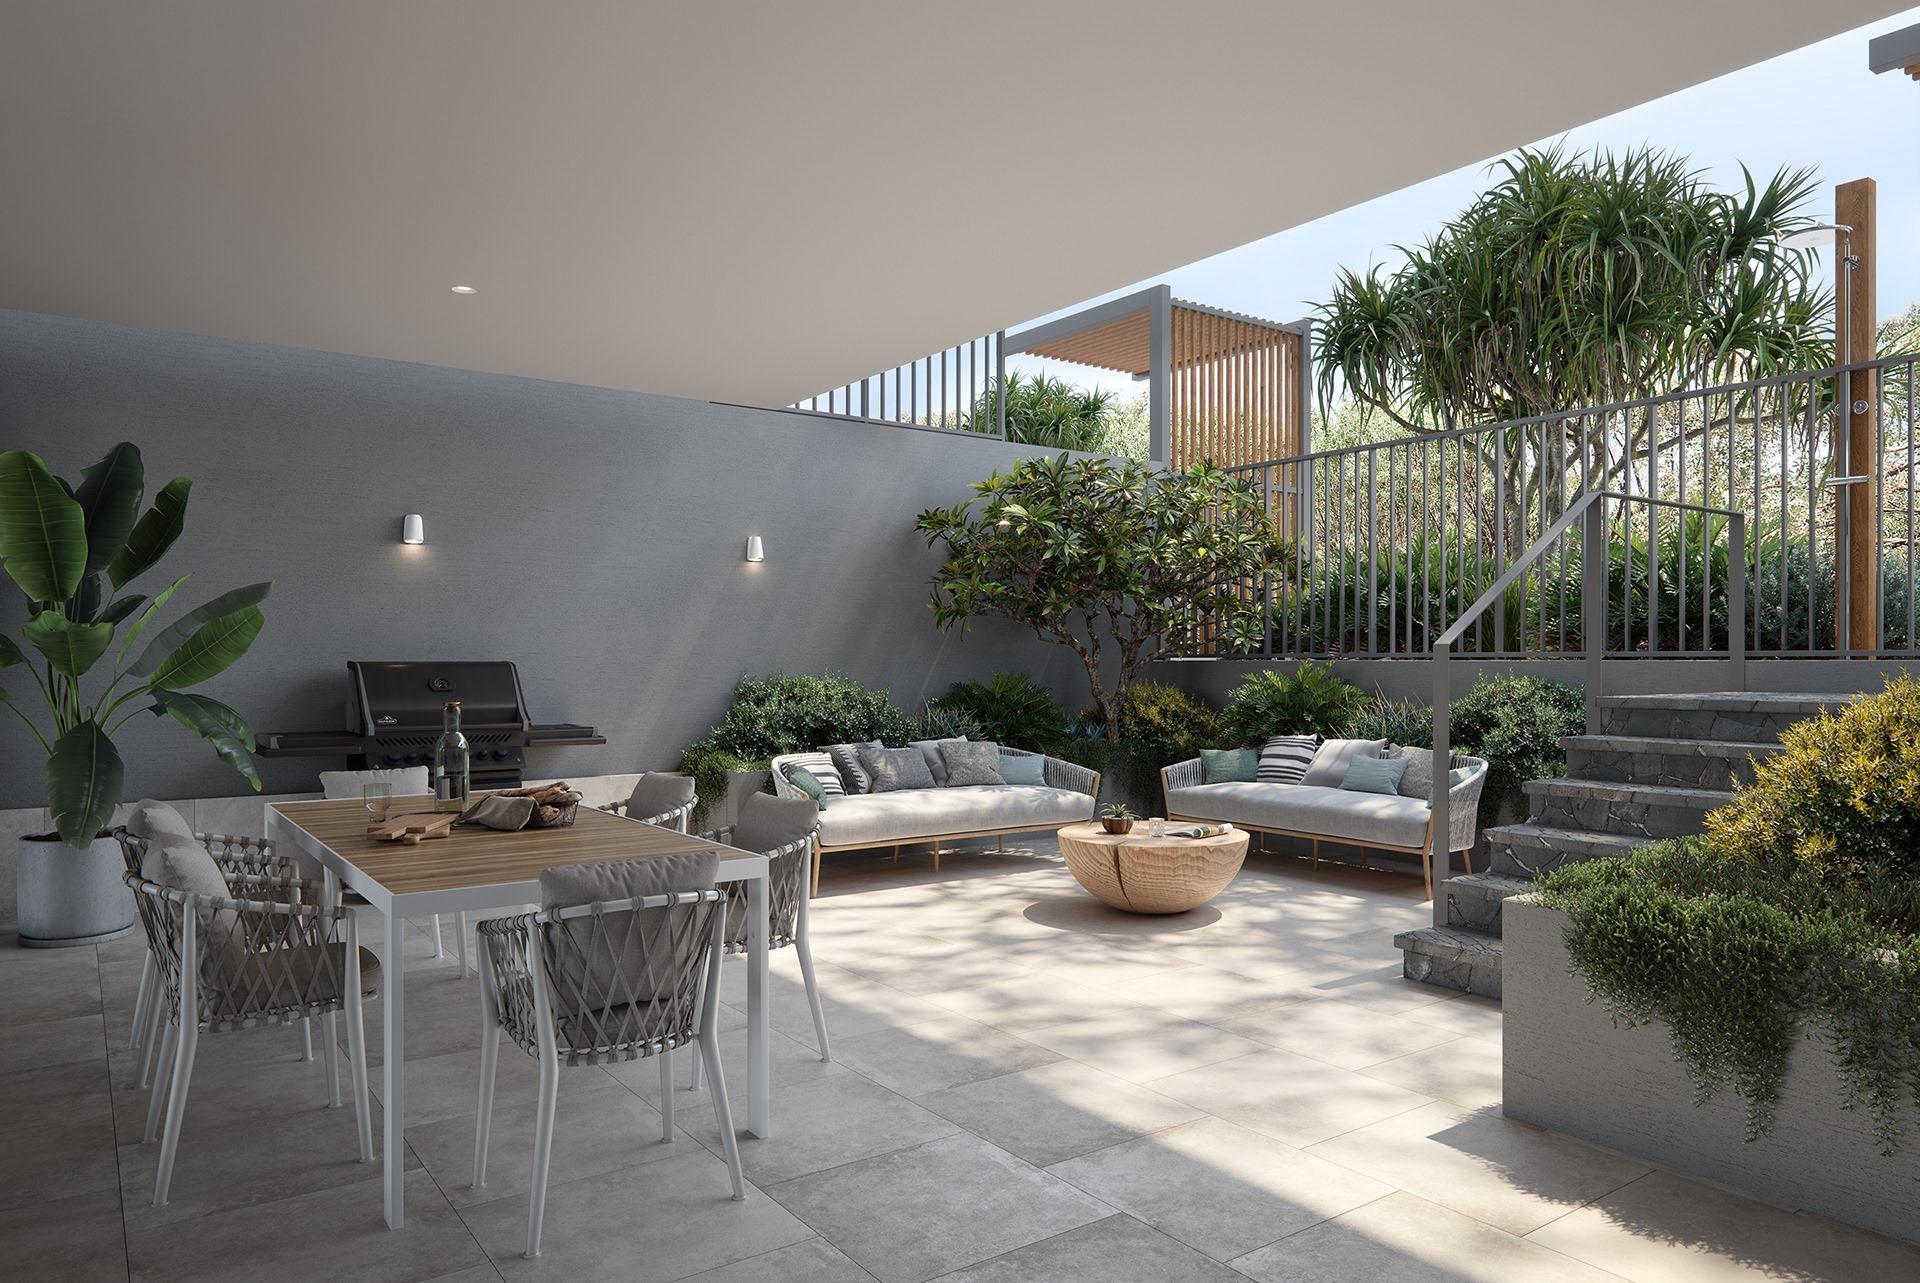 Thiết kế nội thất biệt thự biển sang trọng và hiện đại